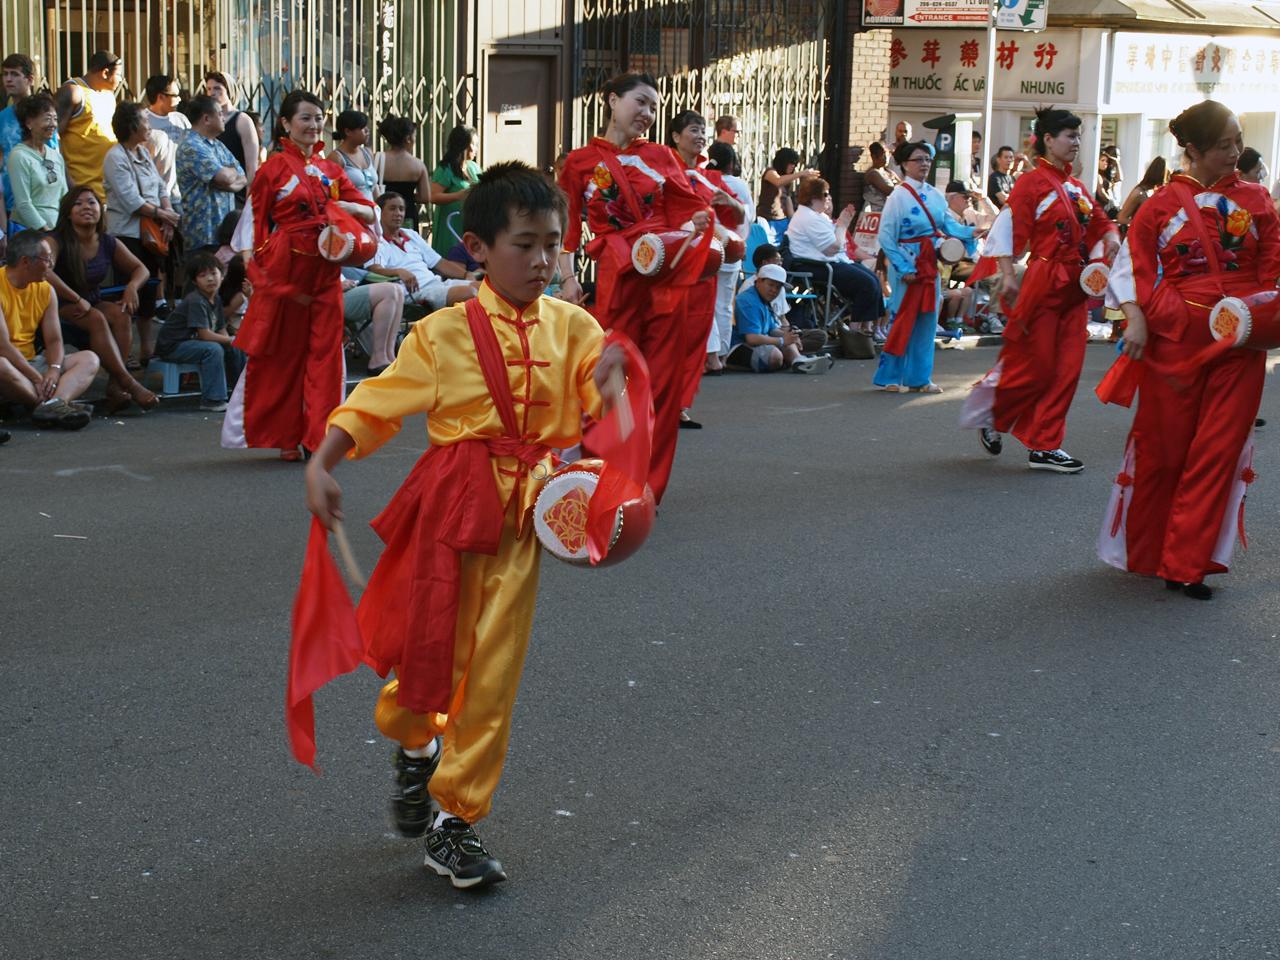 2011 Sea Fair China Town Parade Image 191